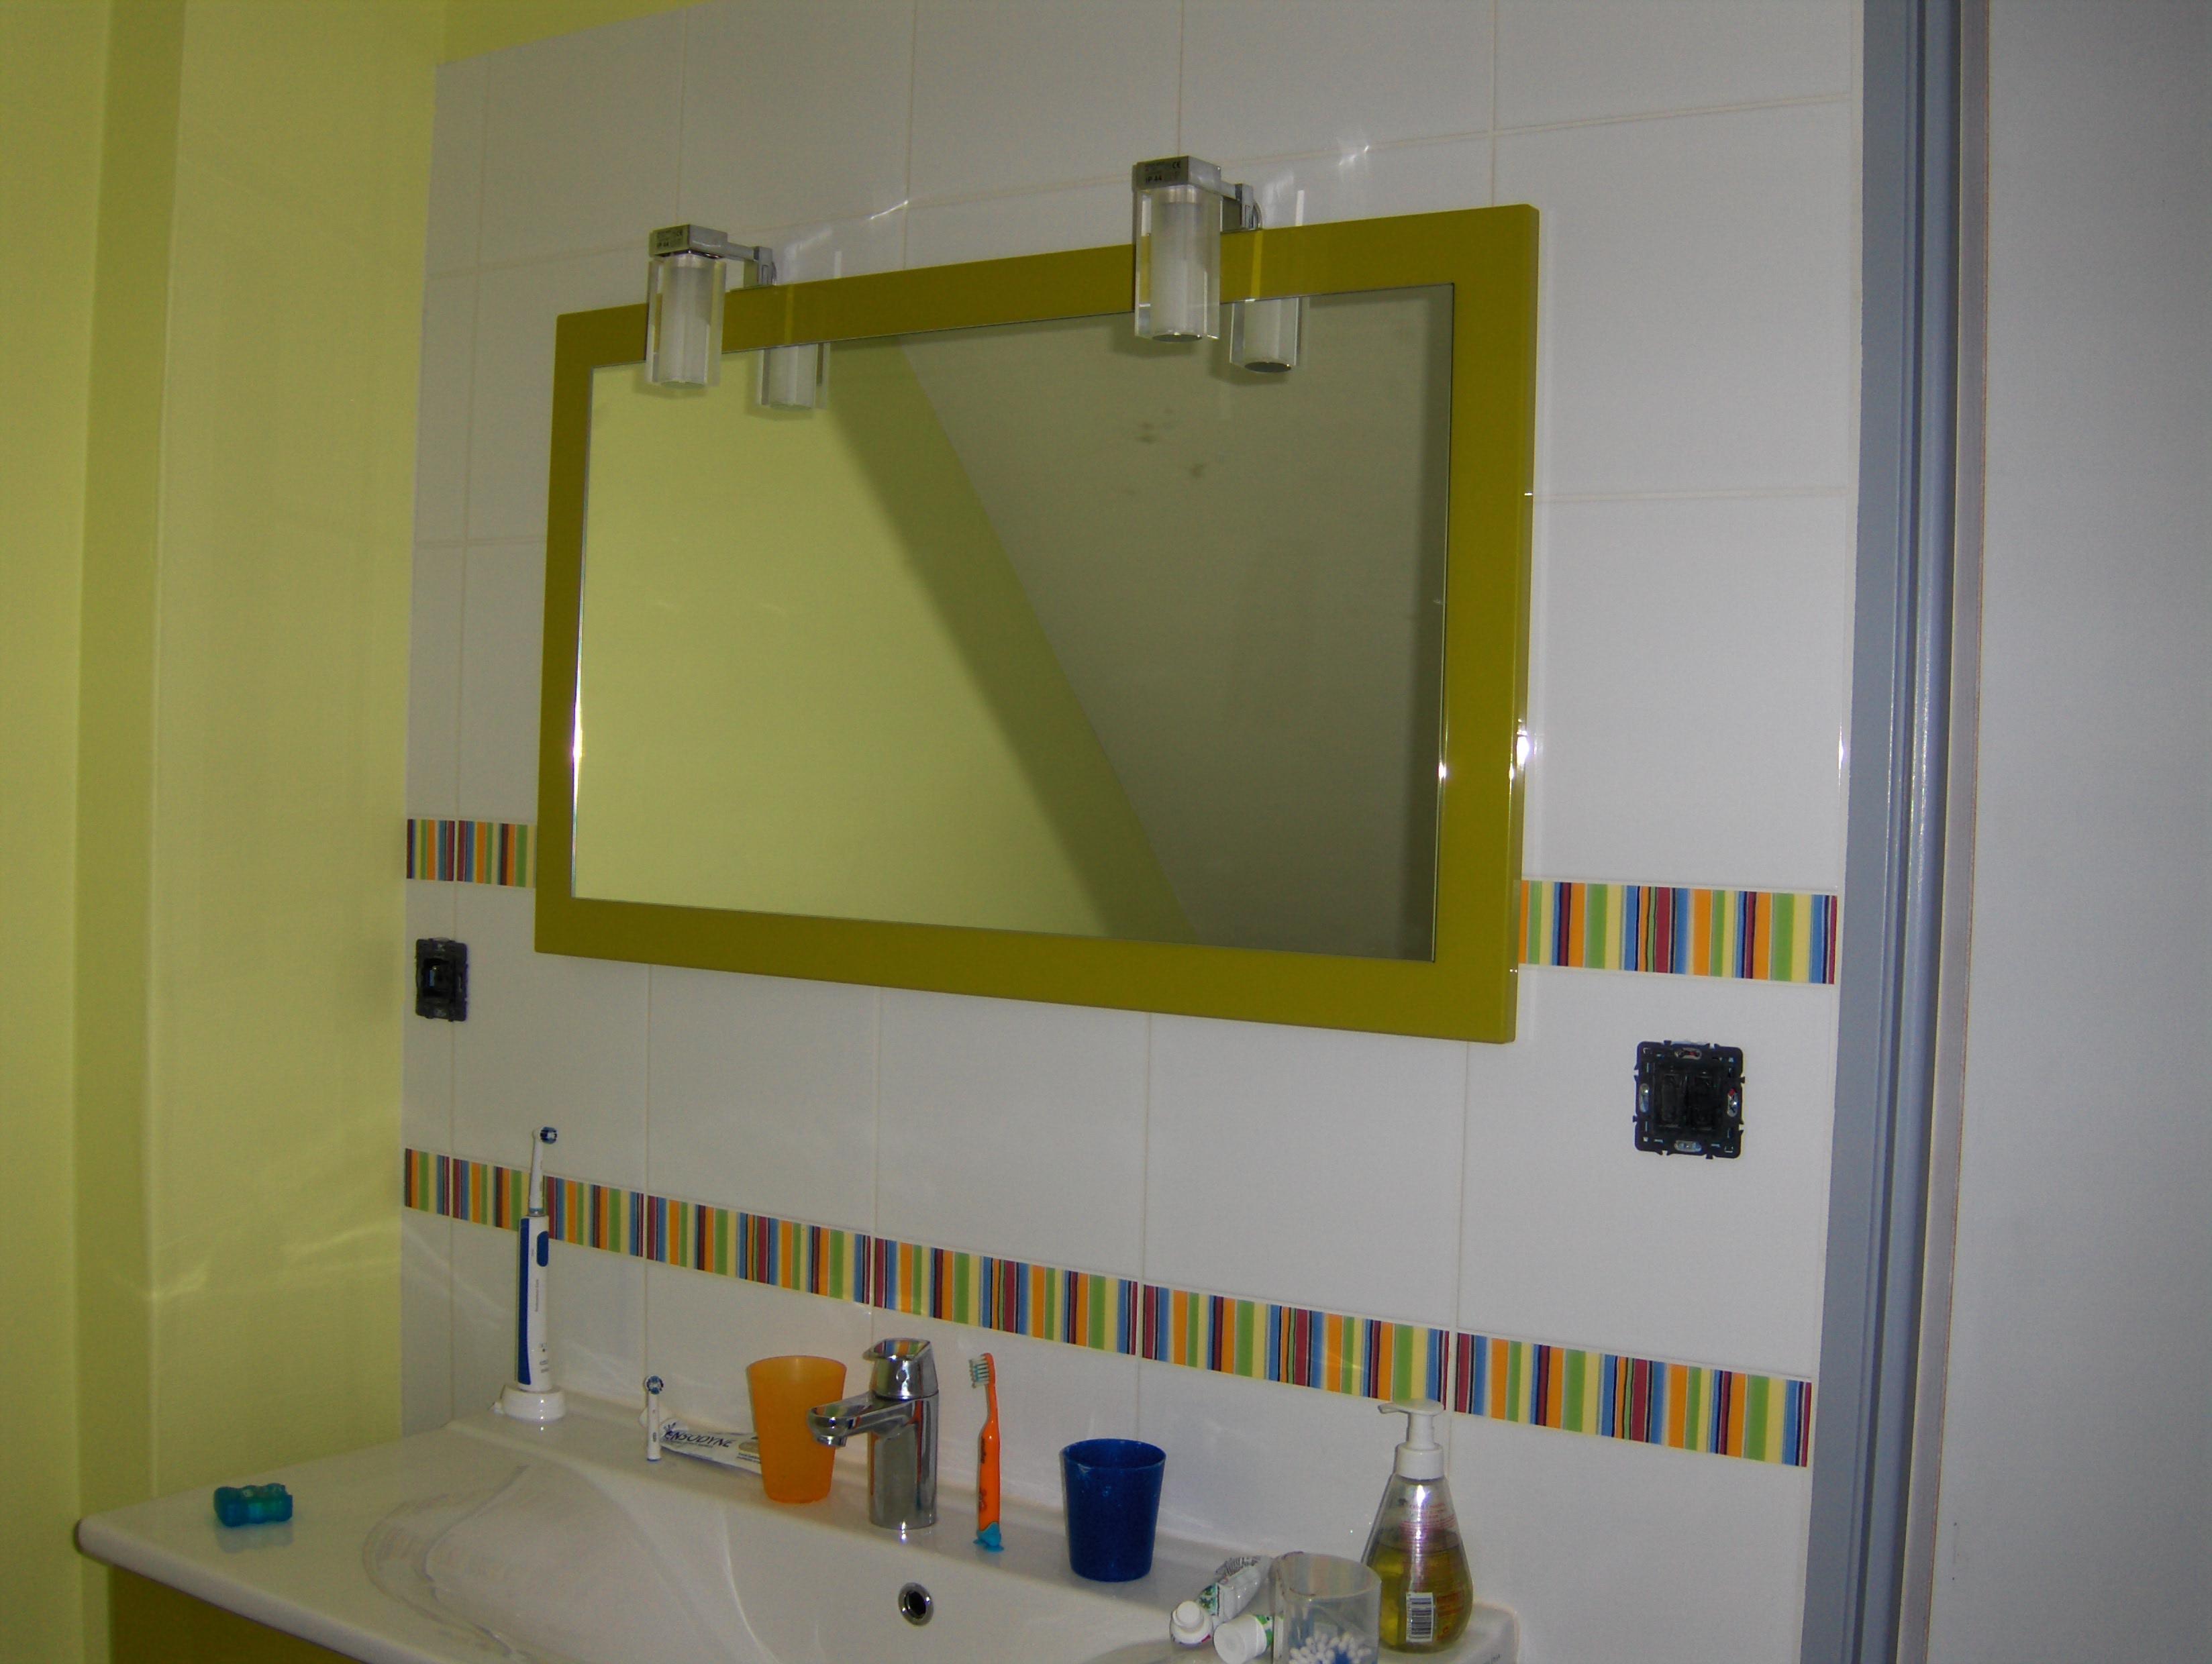 Hauts dans la salle de bains font monter la d co jusqu au for Salle de bain carrelee jusqu au plafond